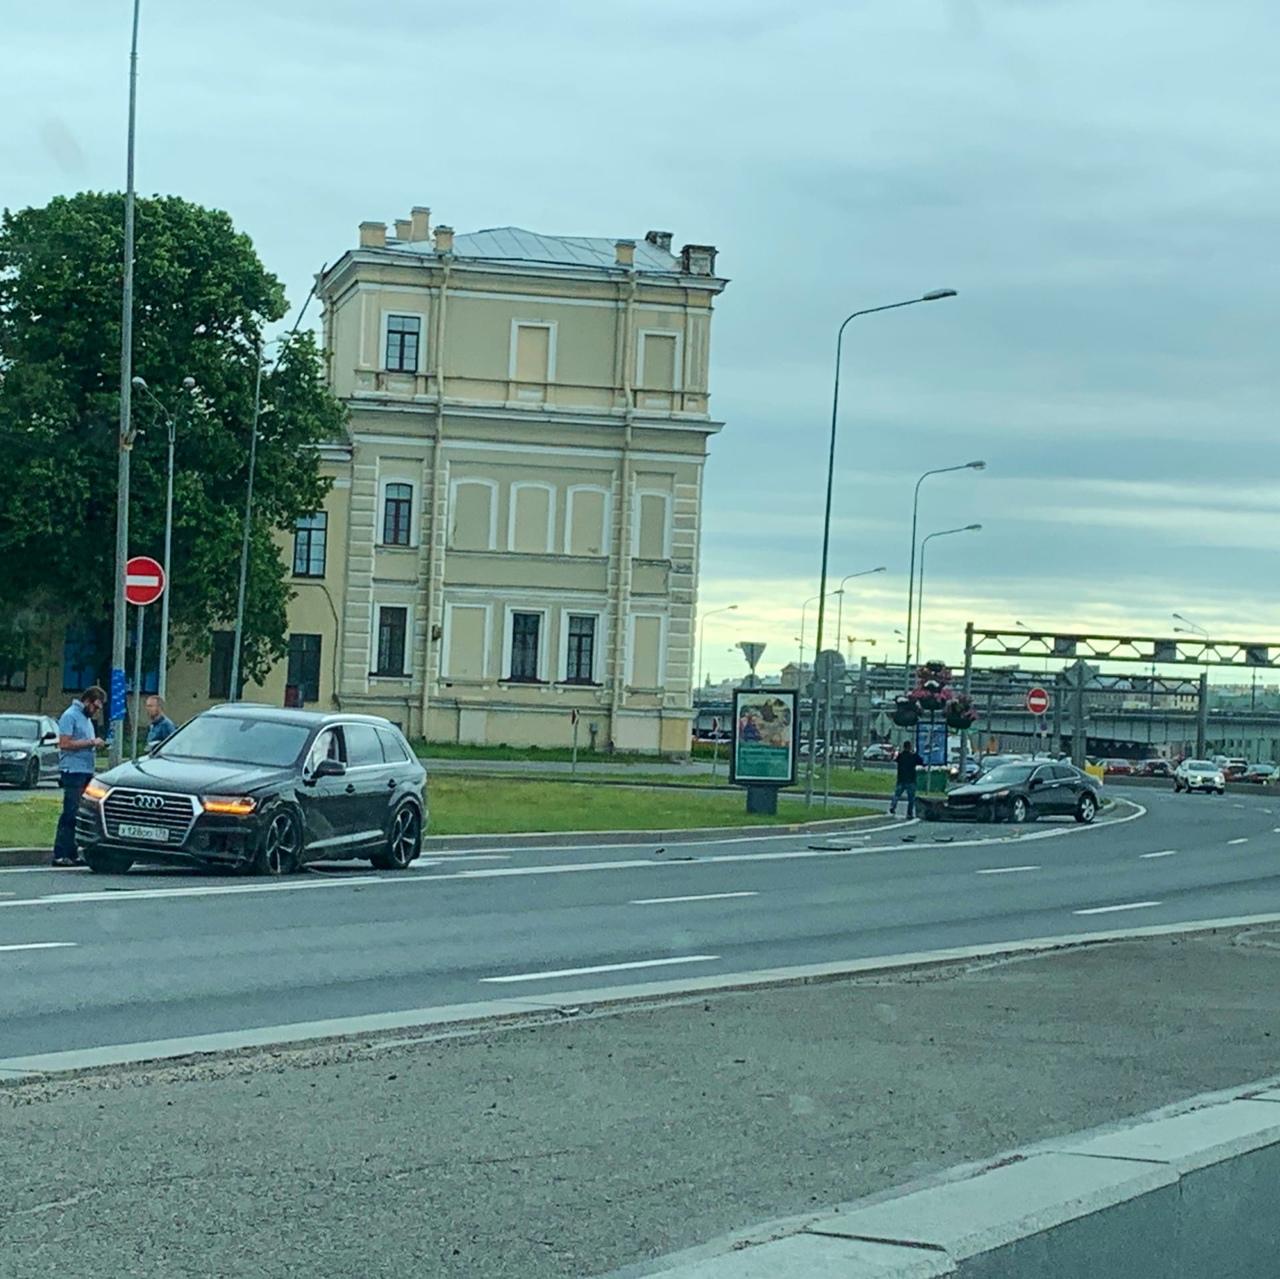 Дтп Audi Q7 и Хонды Accord на Пироговской набережной, напротив Авроры. Ваши варианты как произошло...